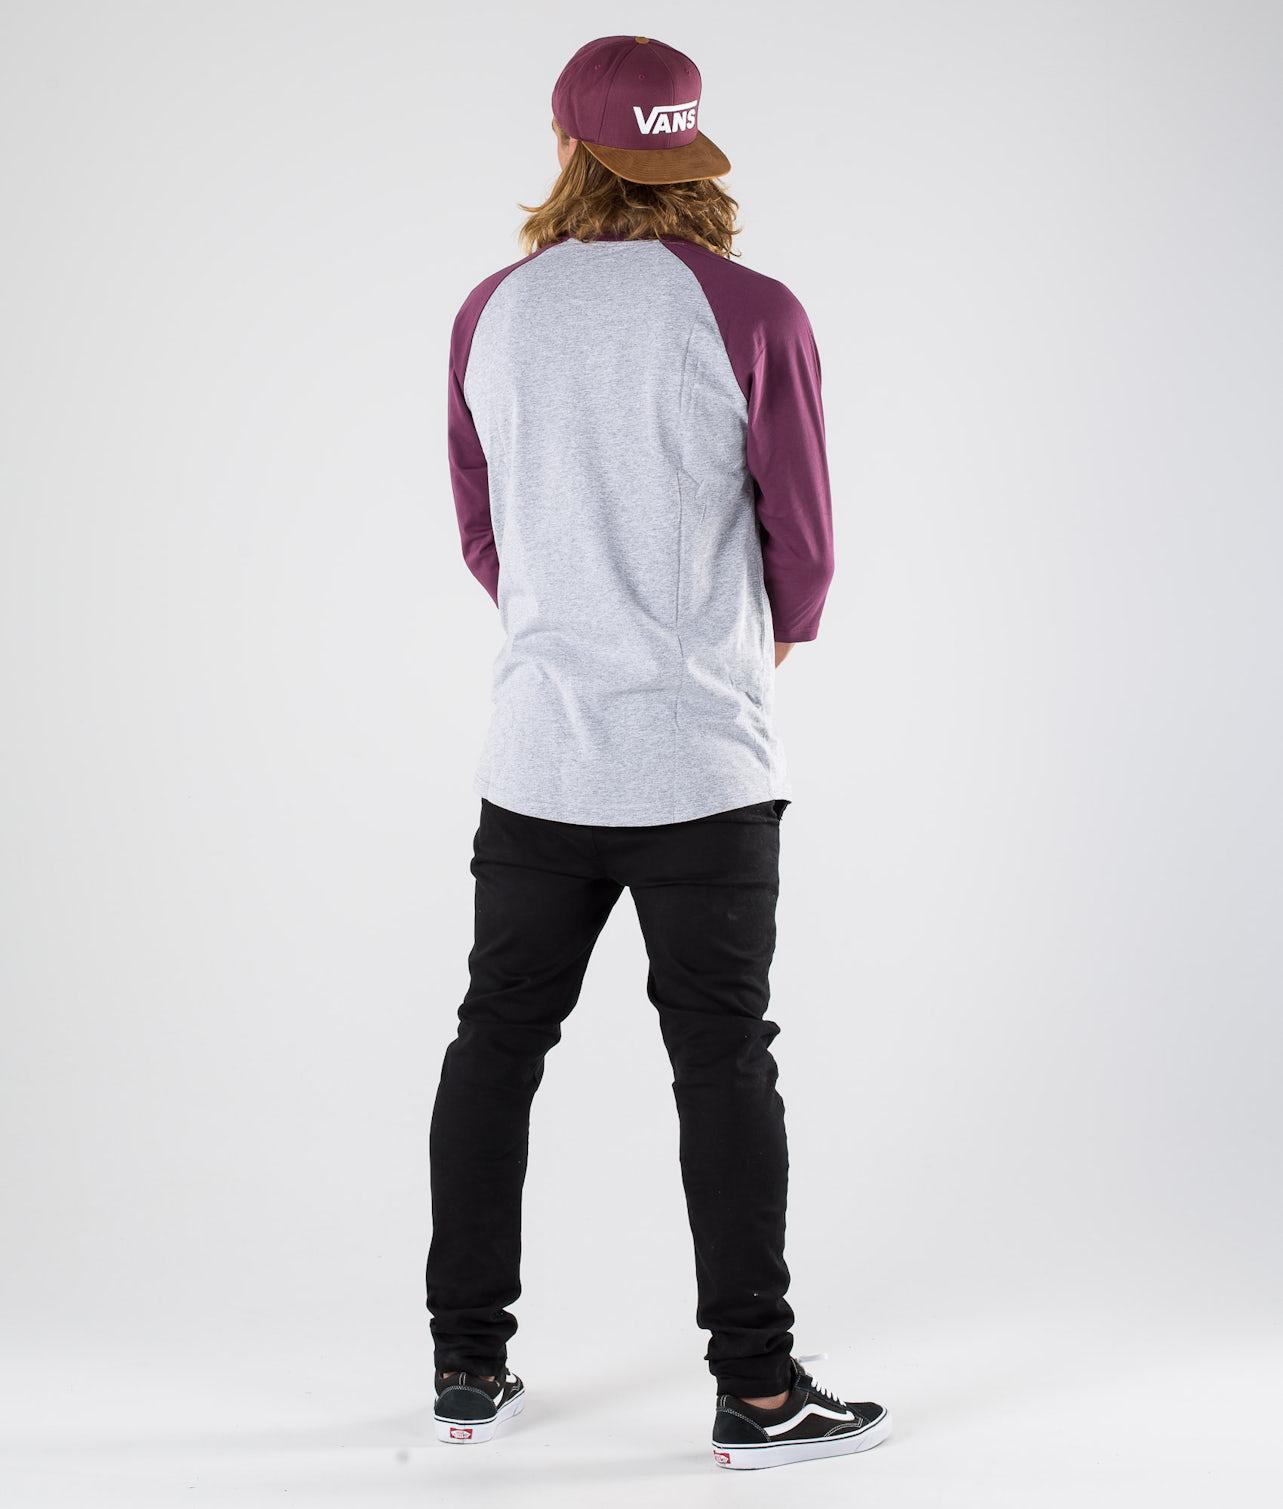 Kjøp Vans Classic Raglan T-shirt fra Vans på Ridestore.no - Hos oss har du alltid fri frakt, fri retur og 30 dagers åpent kjøp!